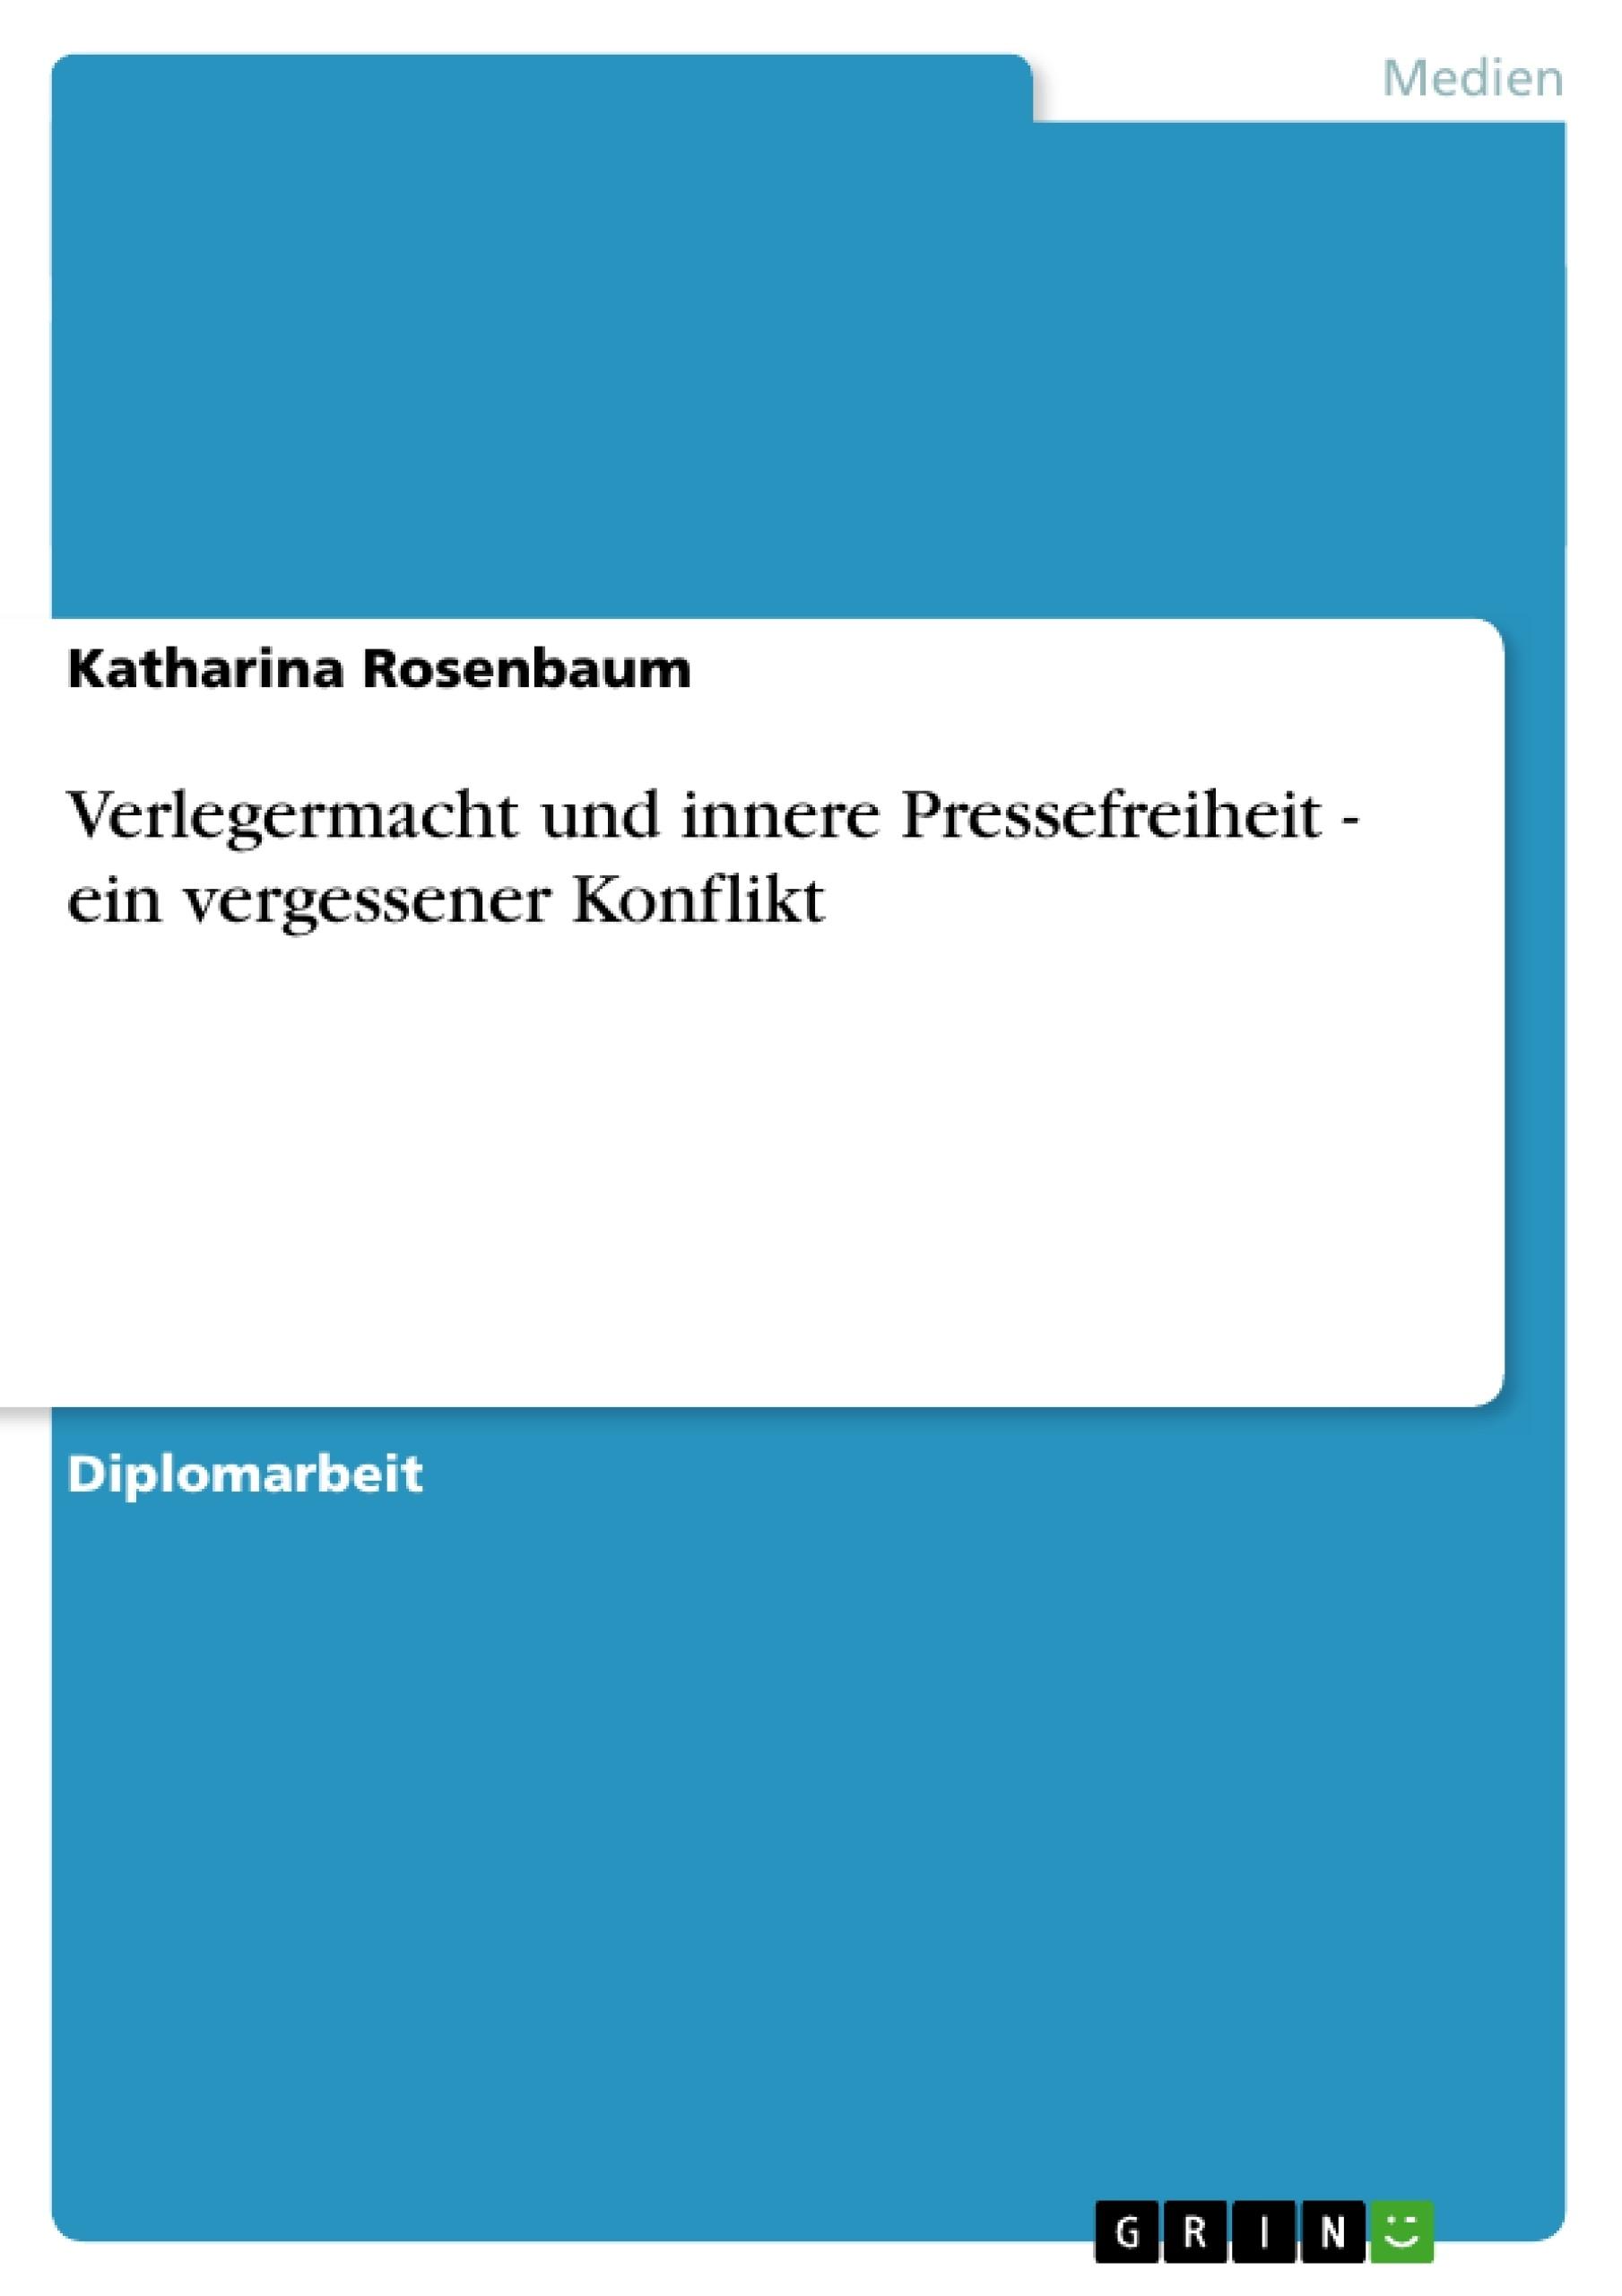 Titel: Verlegermacht und innere Pressefreiheit - ein vergessener Konflikt